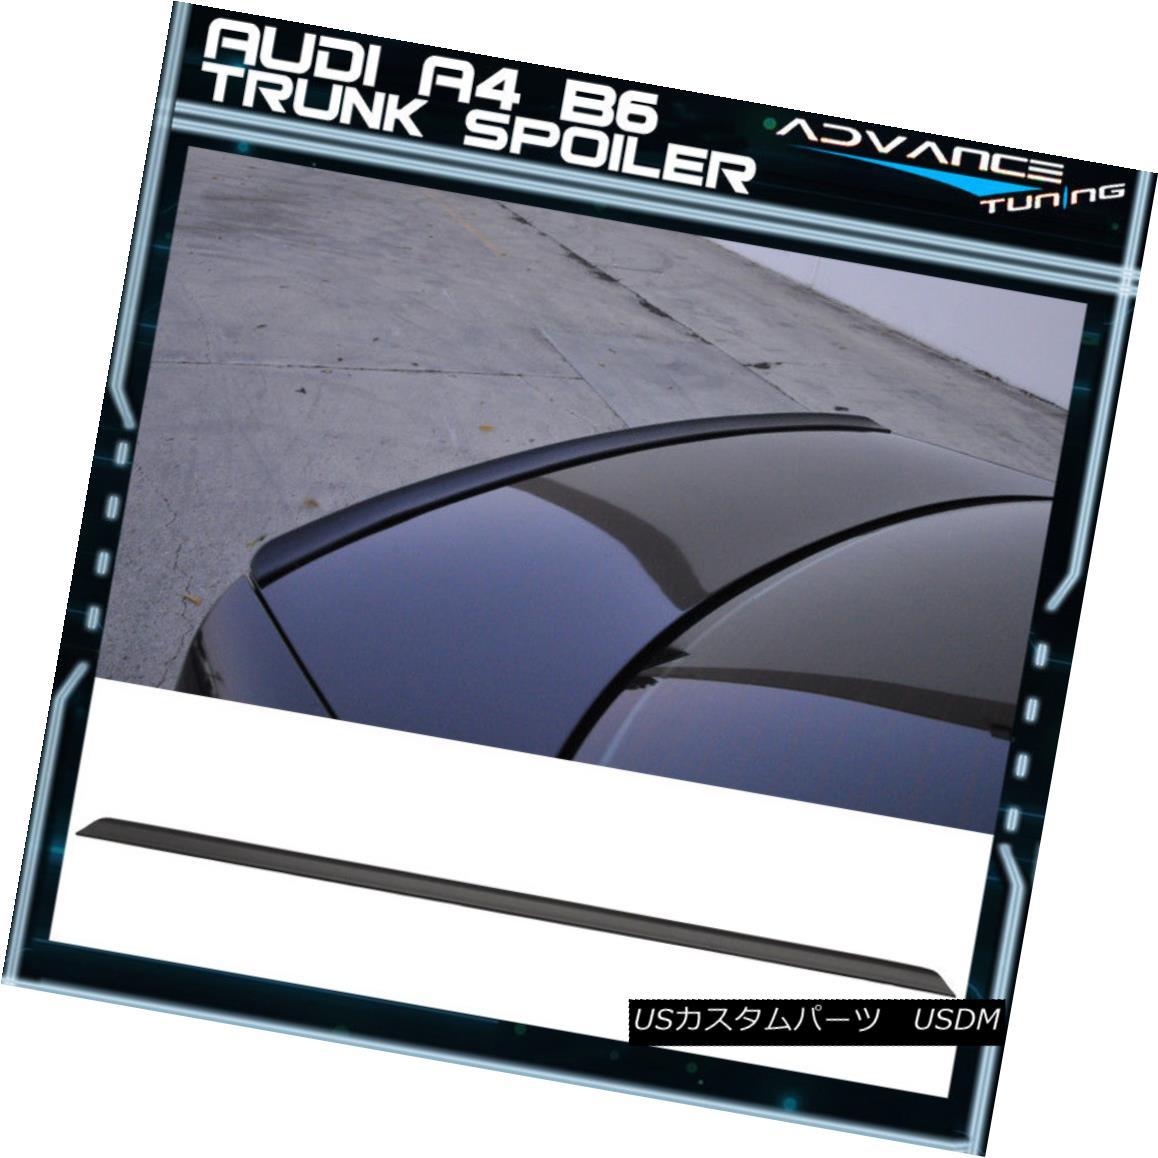 エアロパーツ 94-01 Audi A4 B6 PV Style Trunk Spoiler Unpainted - PUF 94-01 Audi A4 B6 PVスタイルトランク・スポイラー未塗装 - PUF